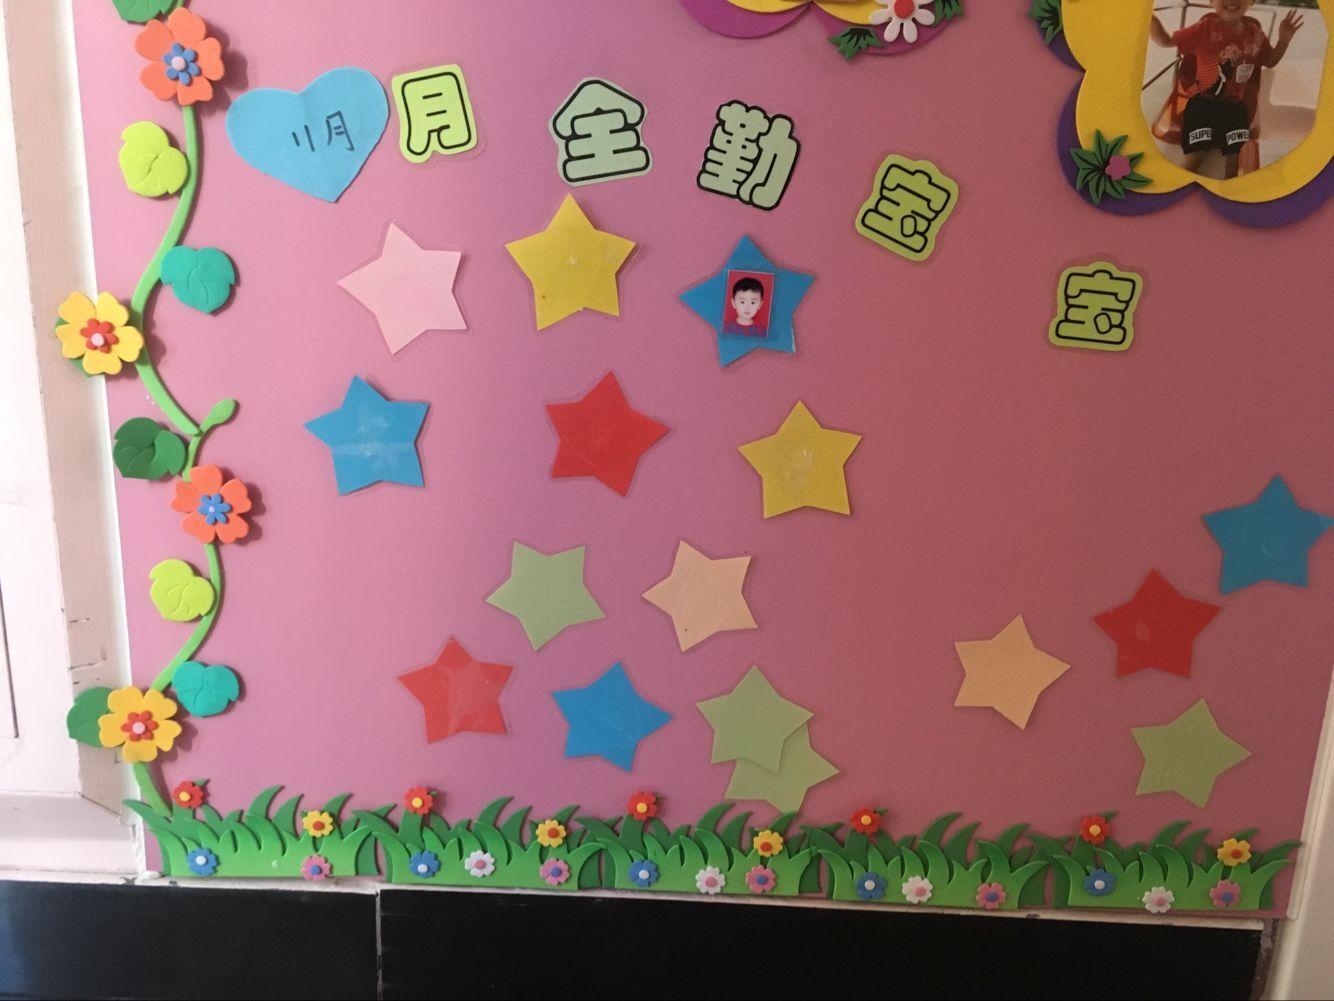 11月份全勤宝宝是刘昊佑小朋友,刘昊佑小朋友喜欢幼儿园,每天坚持来园